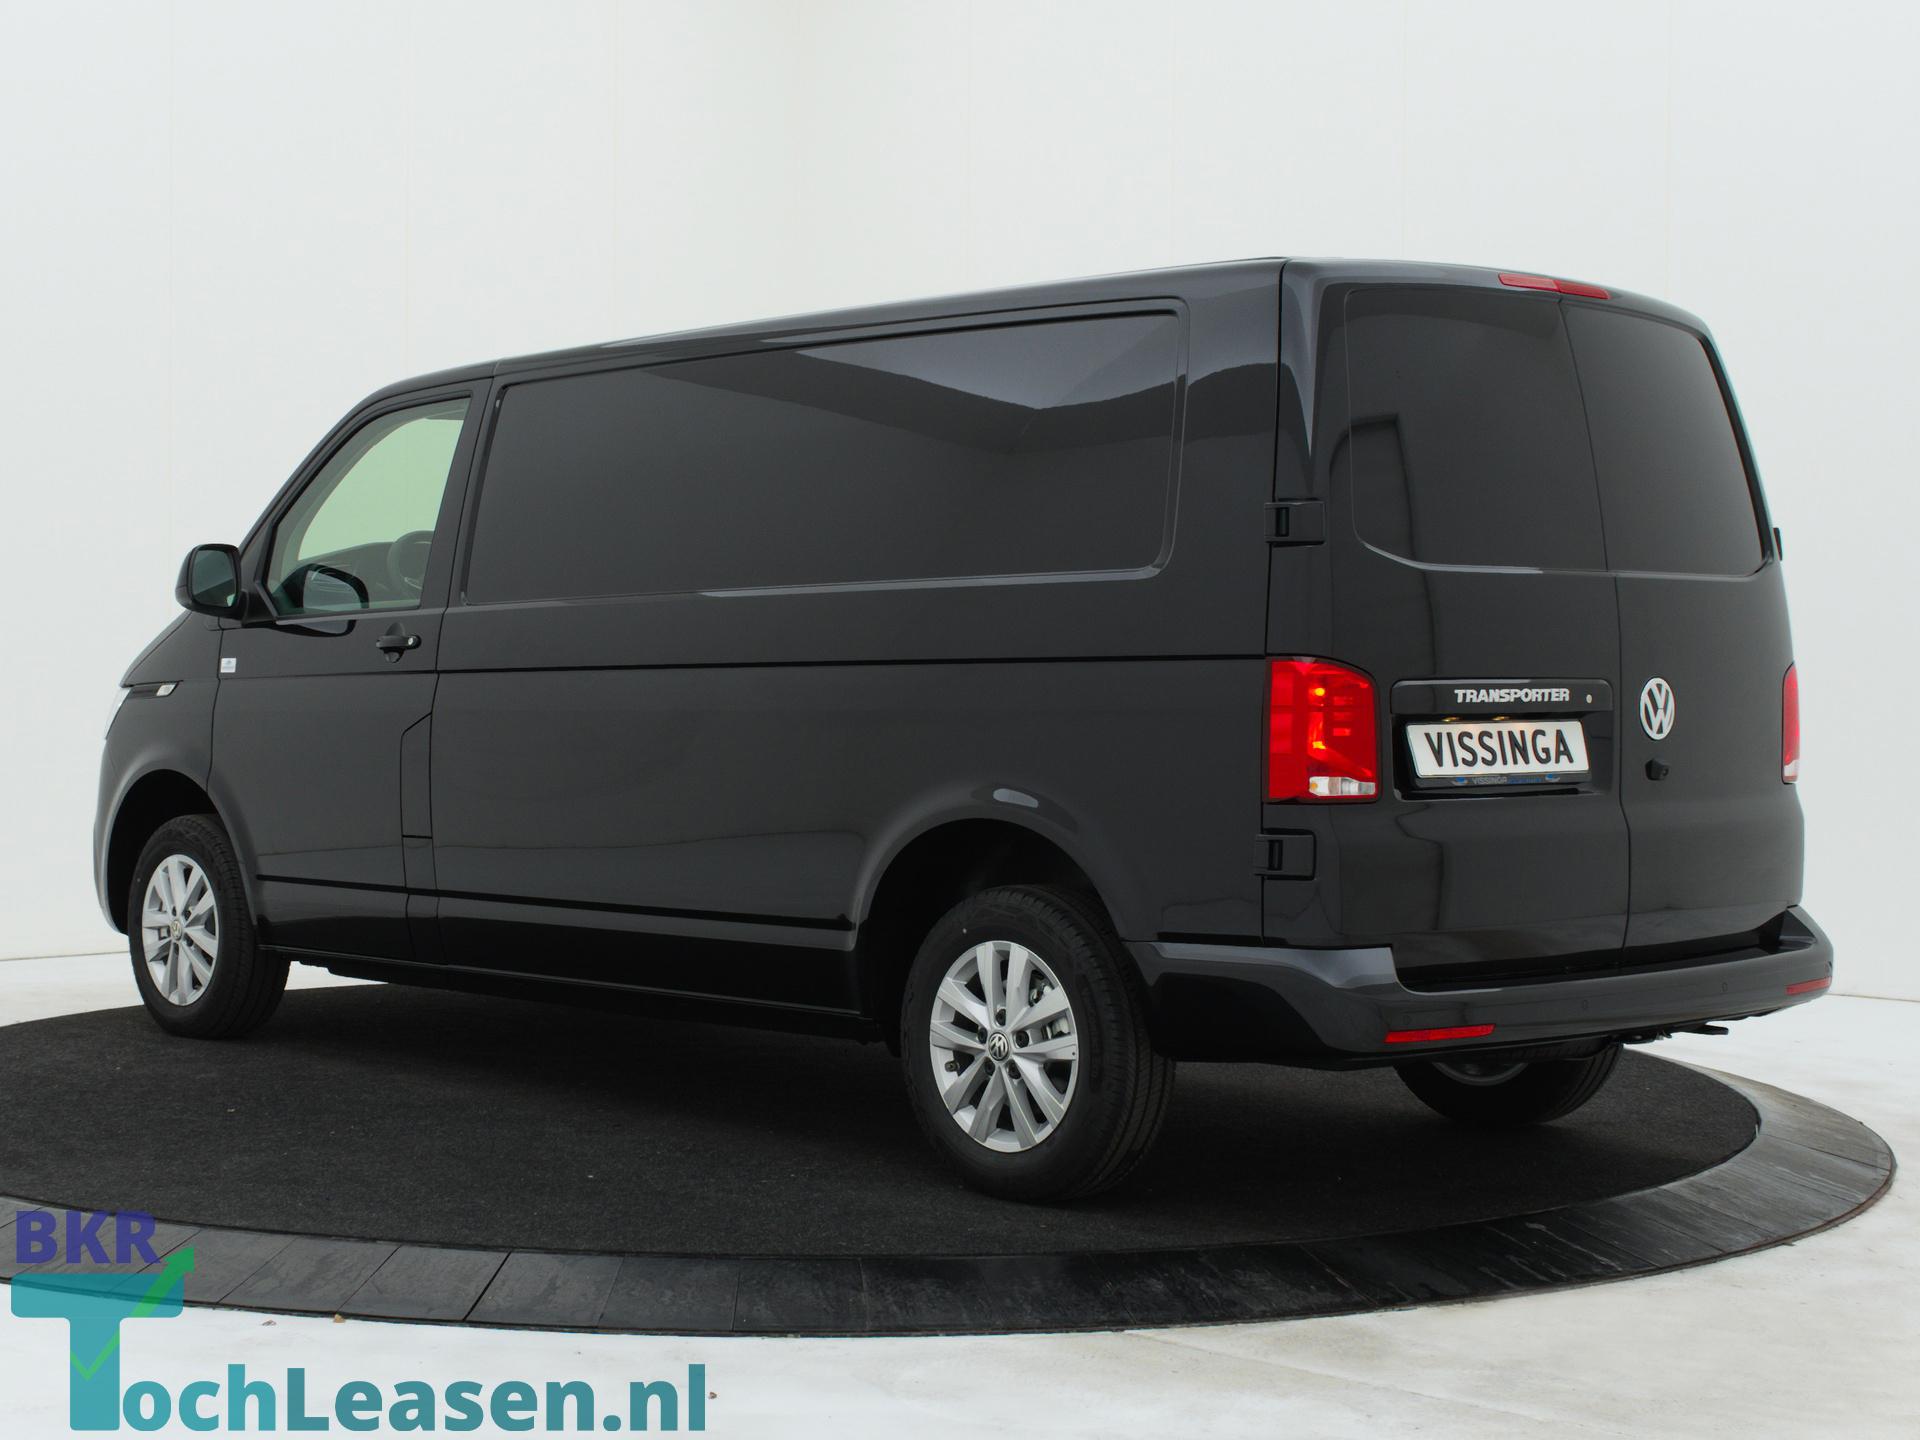 BKR toch leasen Volkswagen Transporter zwart 6